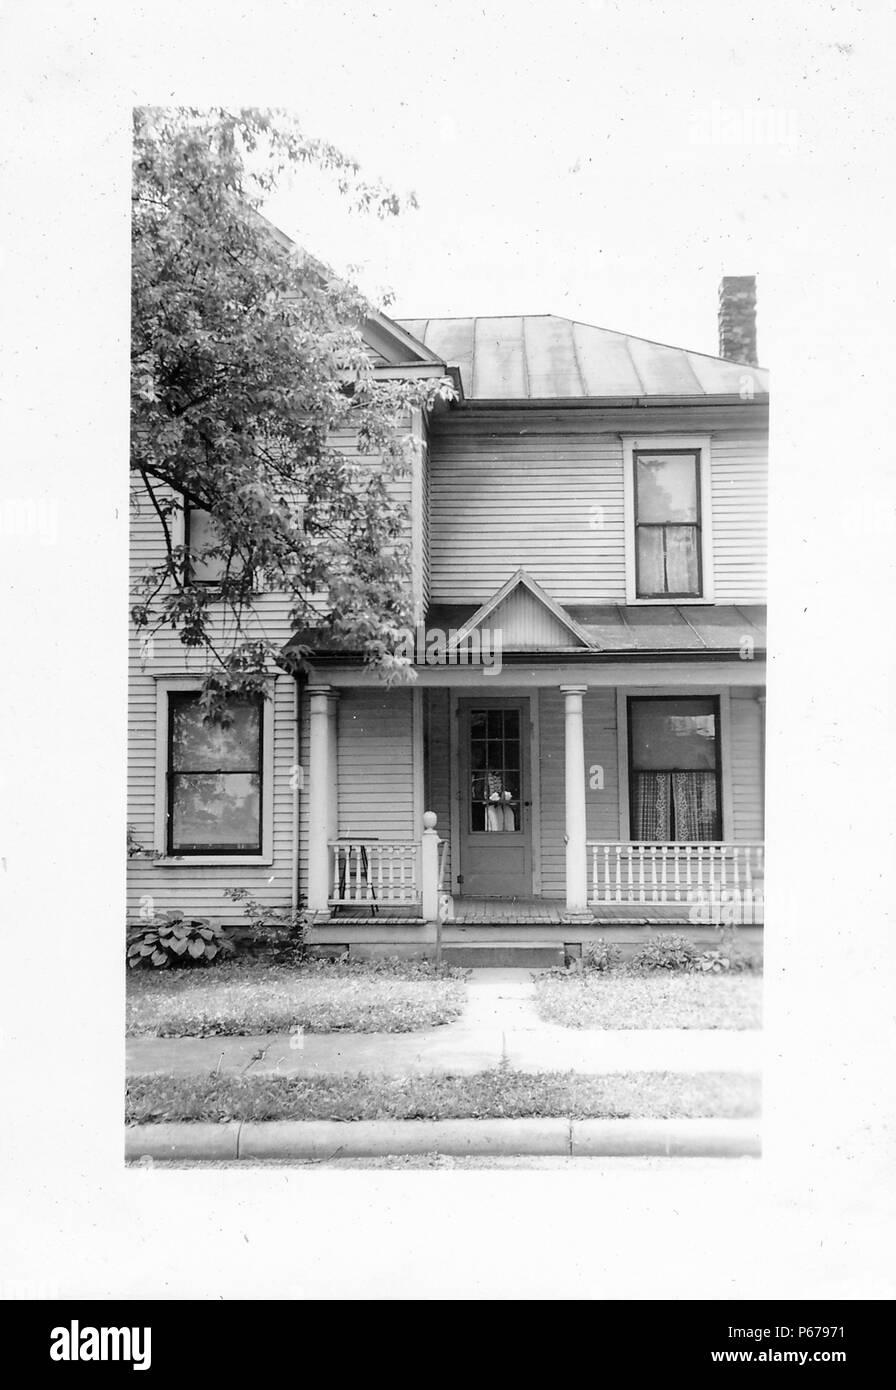 Schwarz-weiß Foto, zeigt die vor einer kleinen, hellen, Holzhaus, mit überdachter Veranda, mit dorischen Säulen und einem kleinen Giebel über dem Eingang, wahrscheinlich in Ohio in den zehn Jahren fotografierte nach dem Zweiten Weltkrieg, 1950. () Stockbild